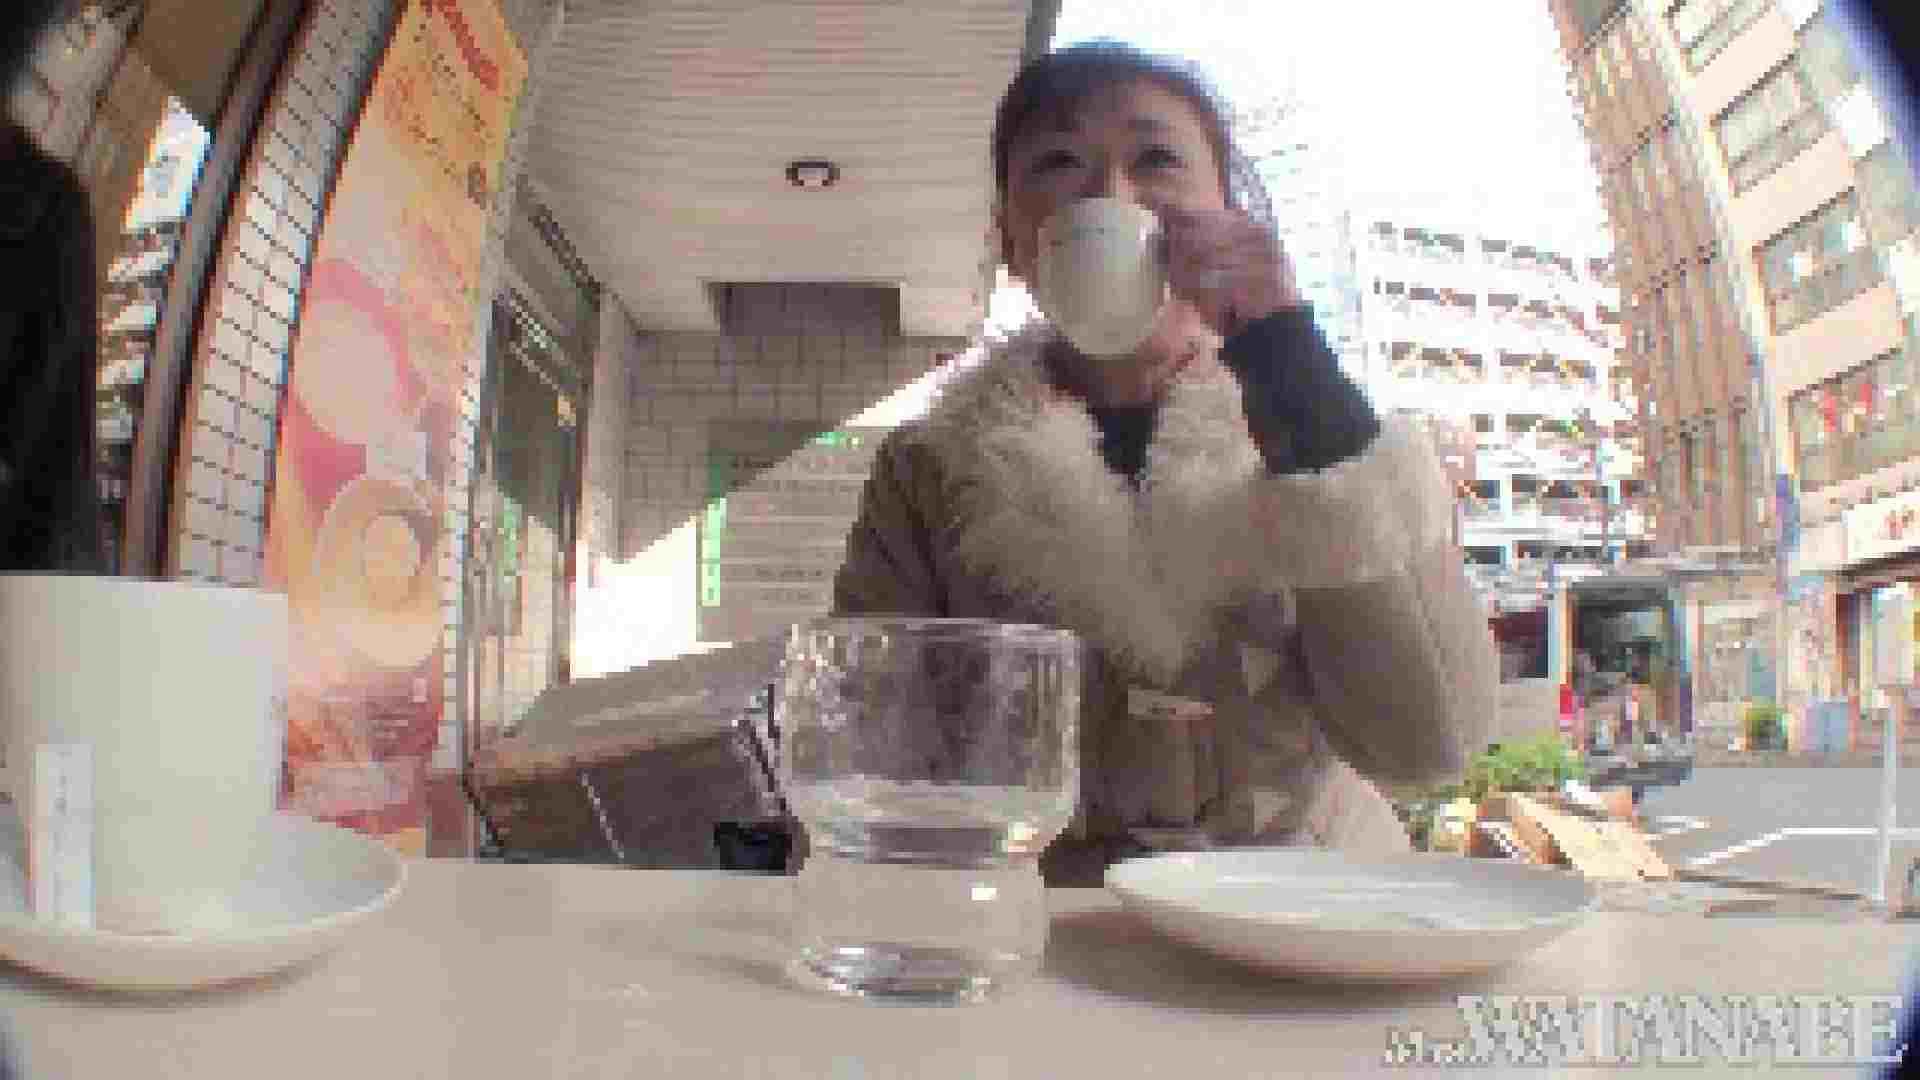 撮影スタッフを誘惑する痴熟女 かおり40歳 Vol.01 素人 | HなOL  67pic 24